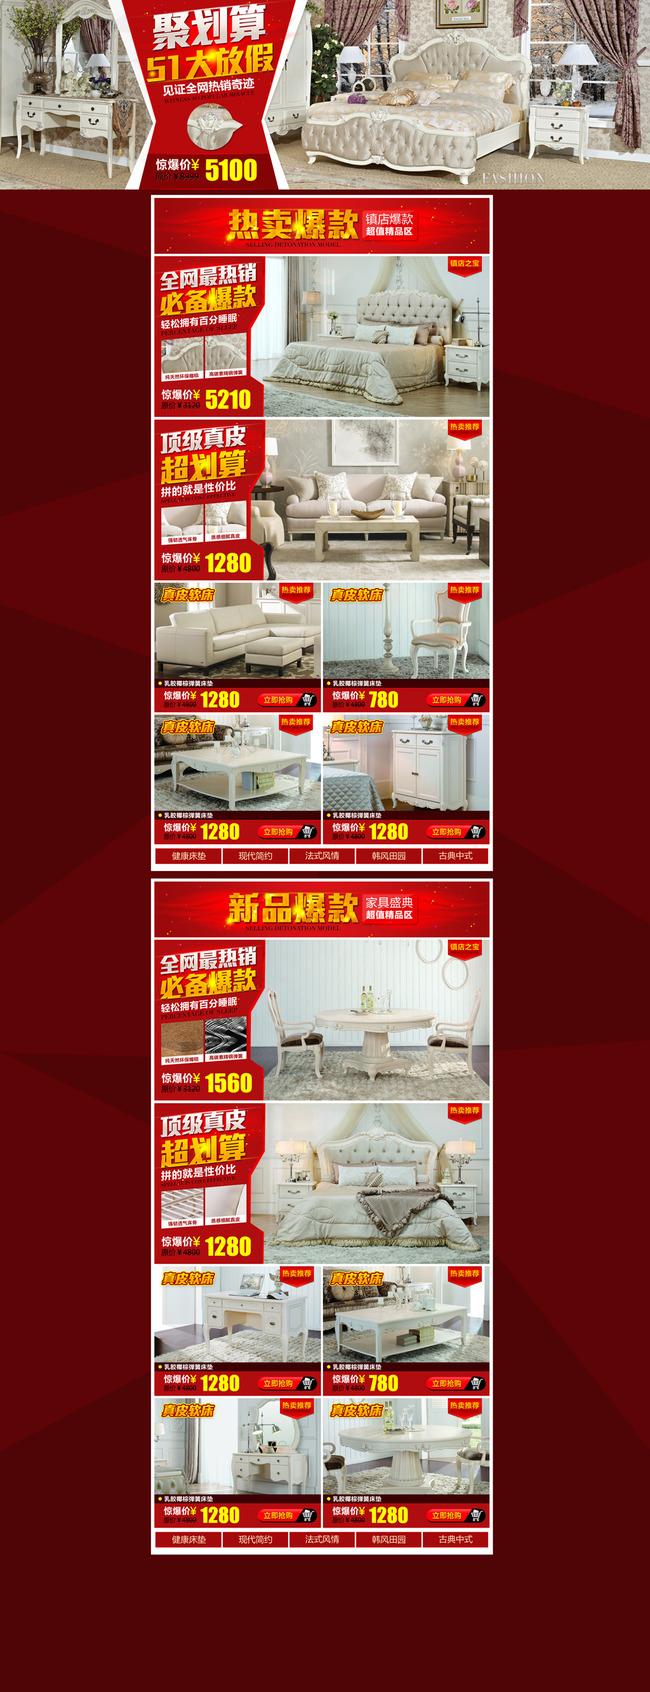 淘宝天猫51劳动节店铺首页装修模板